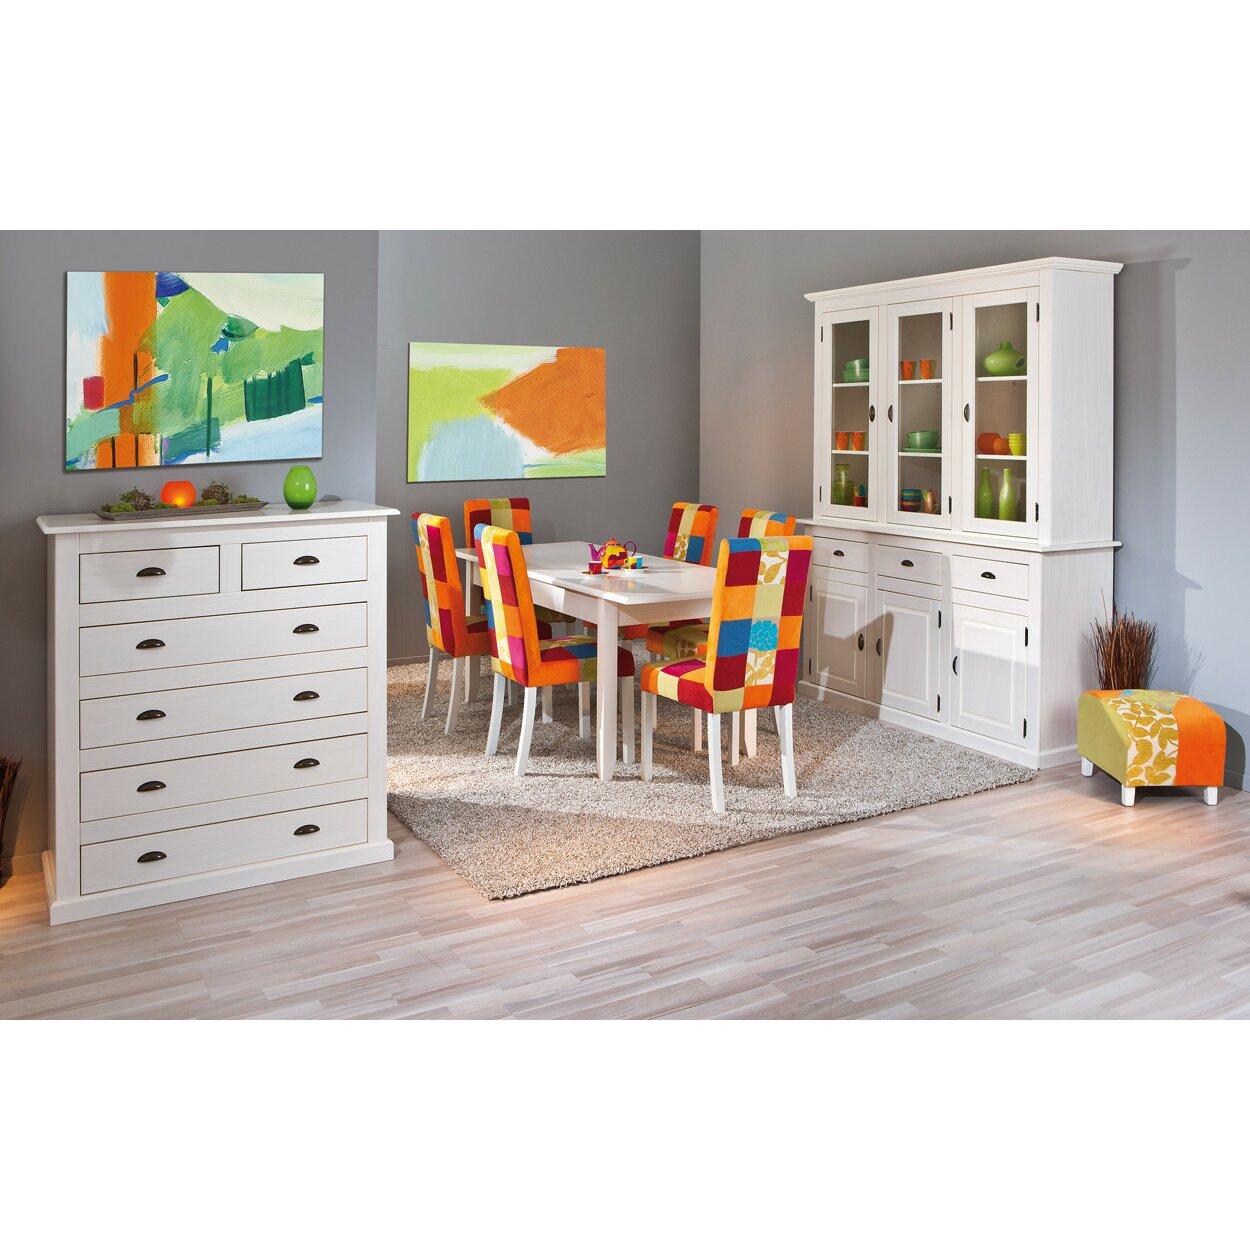 Castleton Home Merideth Display Cabinet Wayfair Uk